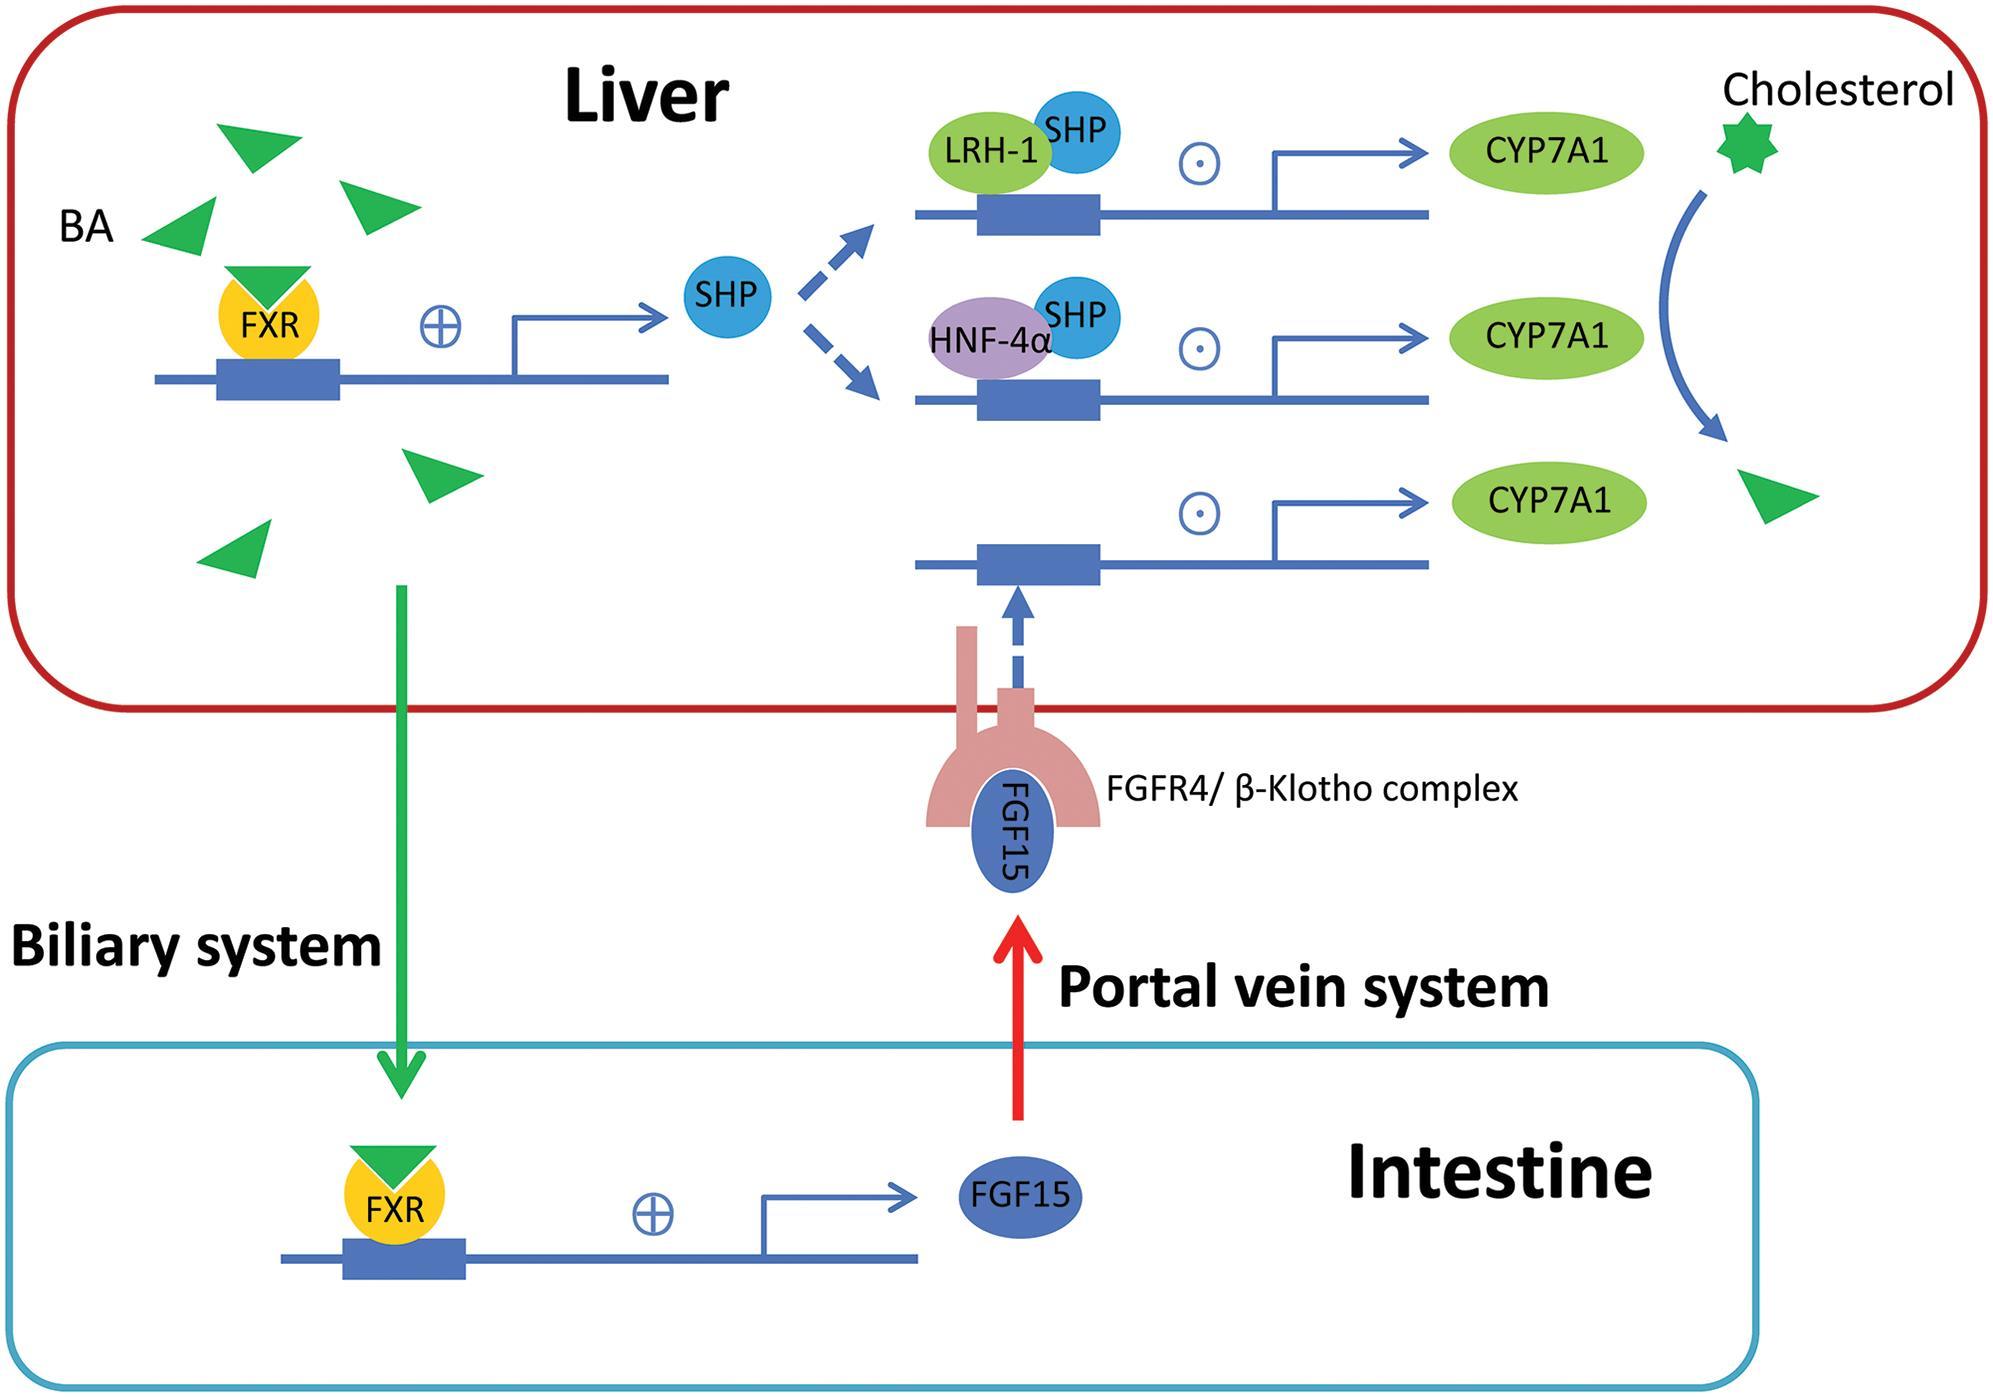 Feedback regulation of bile acid (BA) synthesis through farnesoid X receptor (FXR).